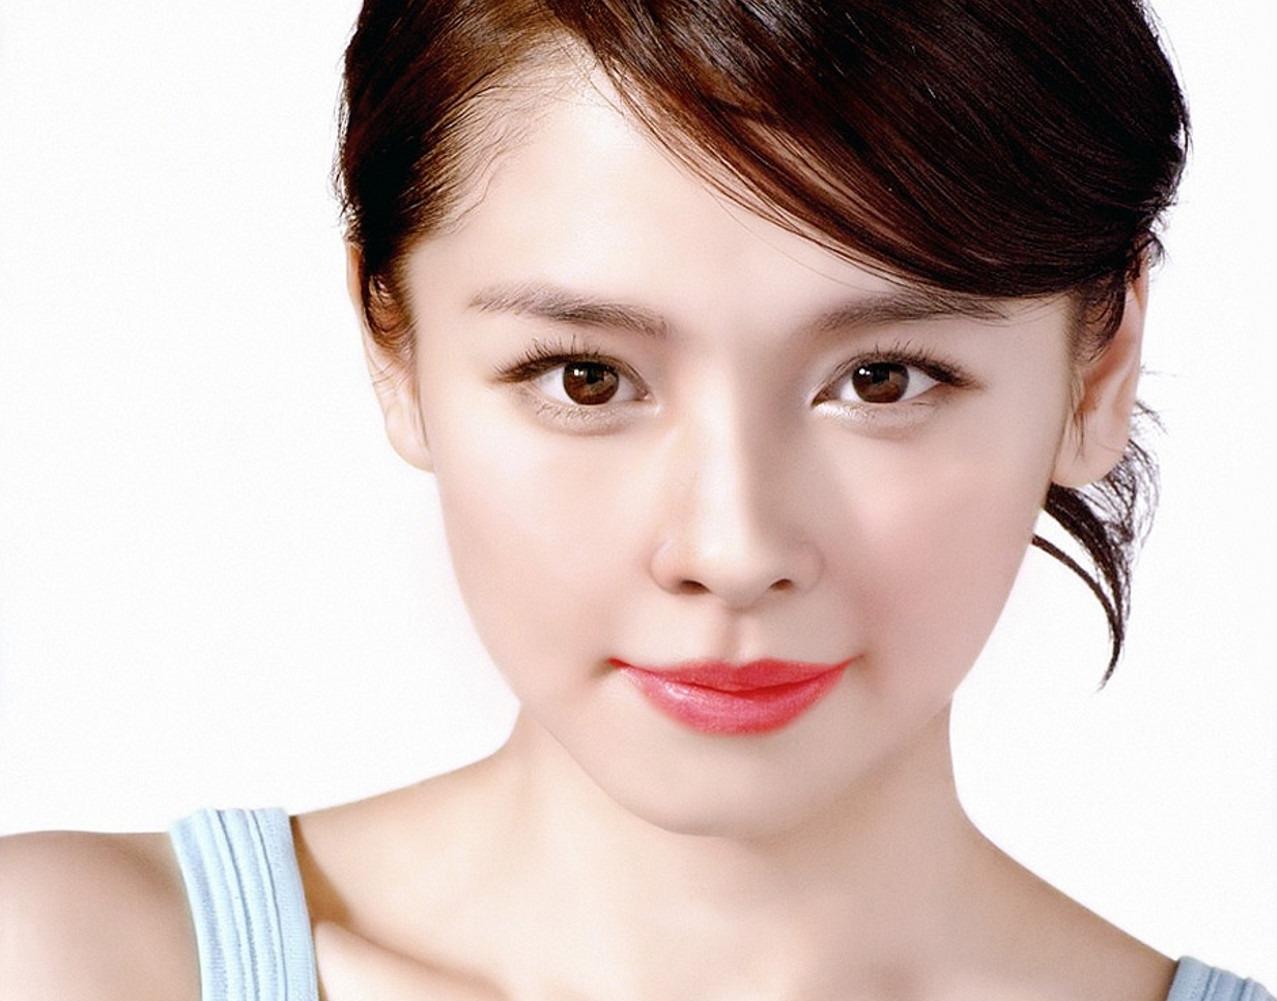 Tình trạng mũi lệch có sửa được không? - nangmuislinedep.com.vn